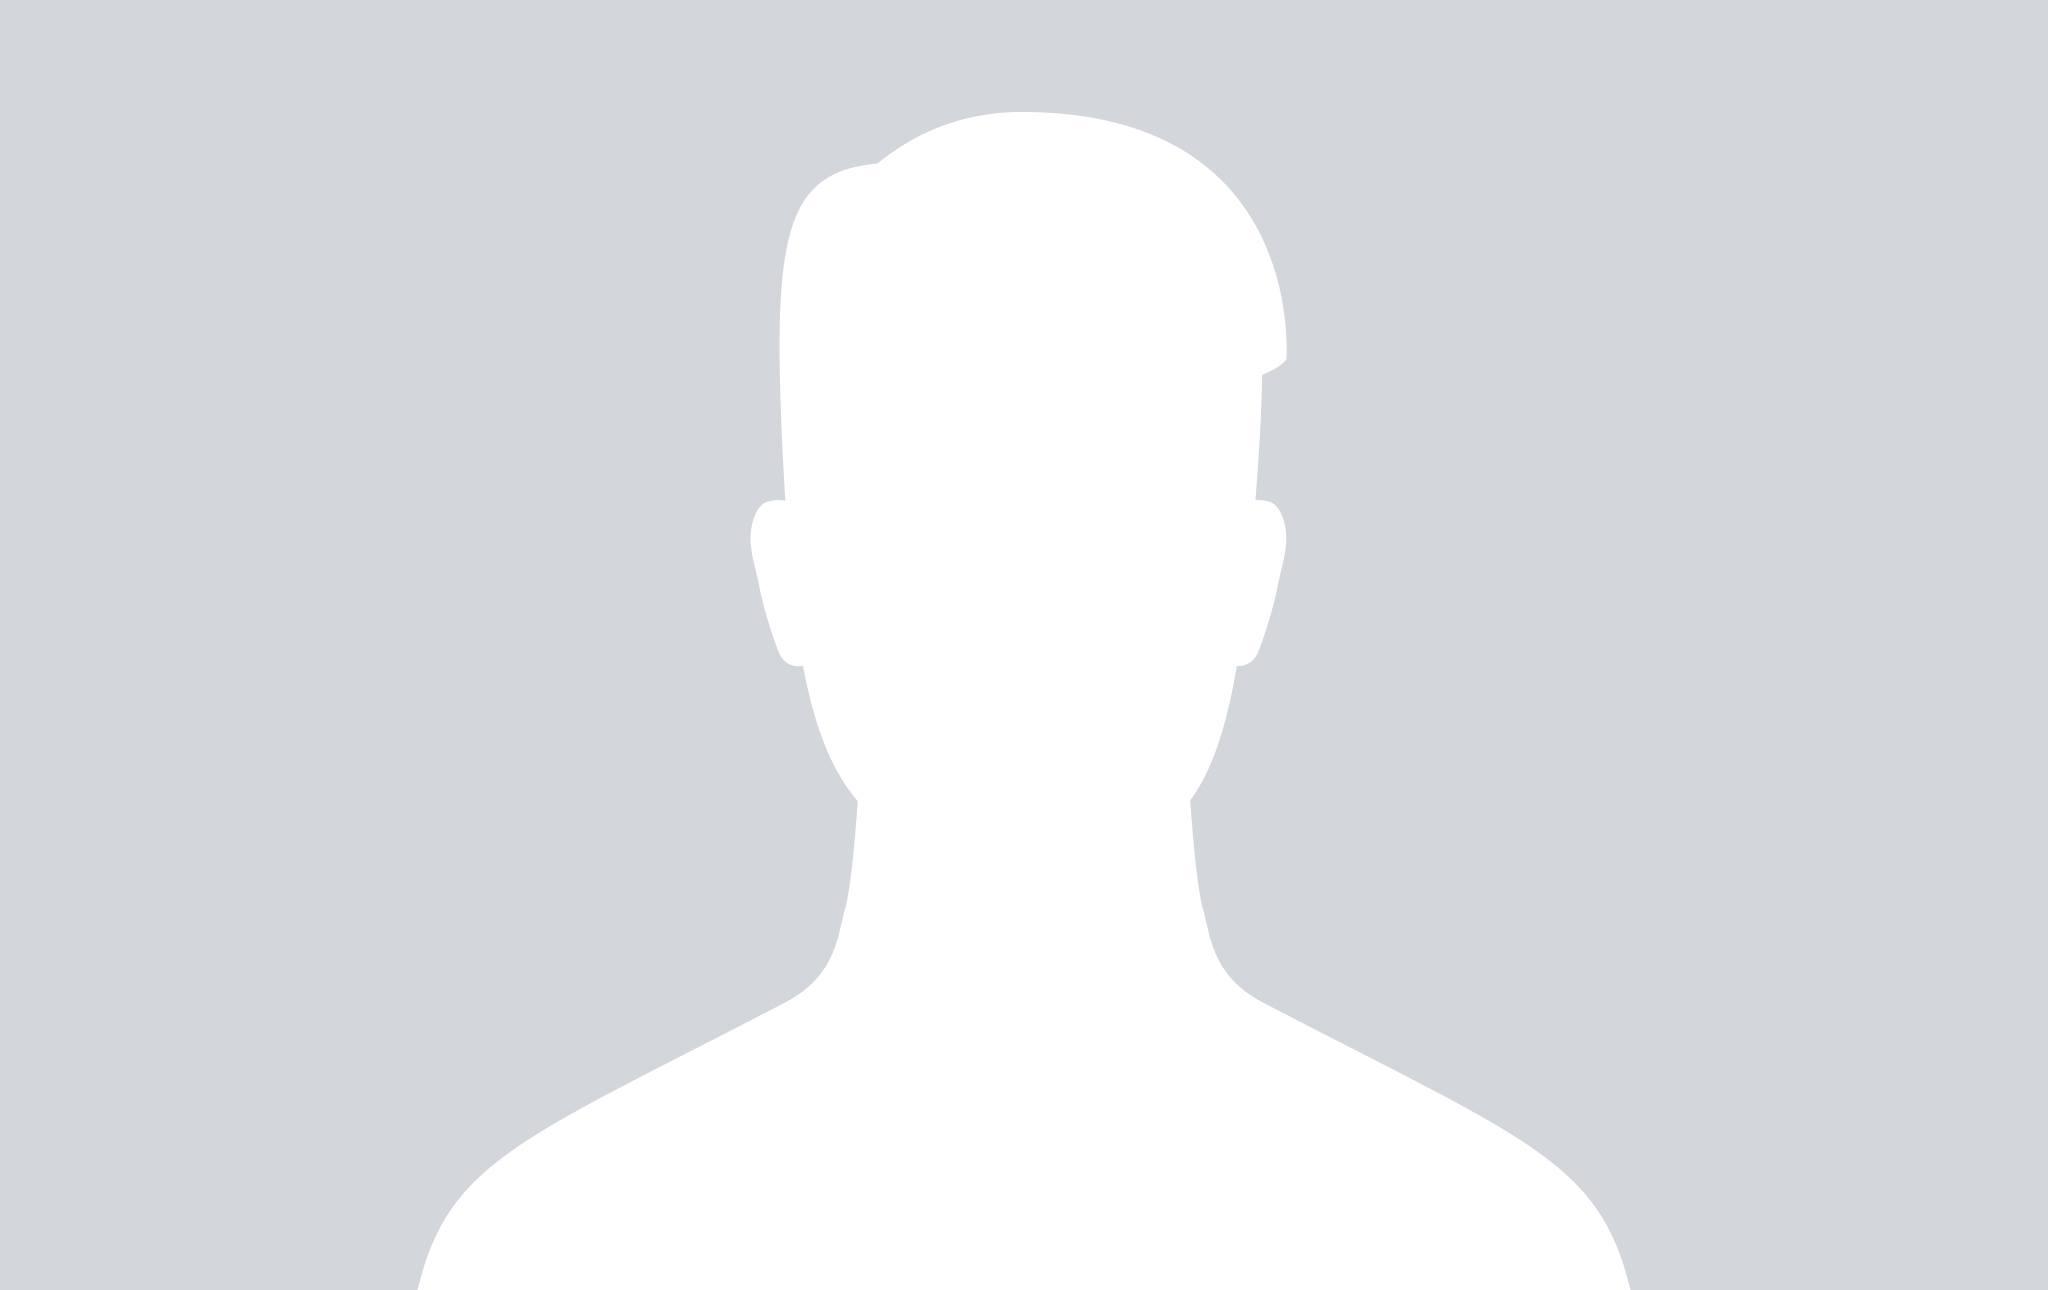 https://d2yht872mhrlra.cloudfront.net/user/113885/user_113885.jpg